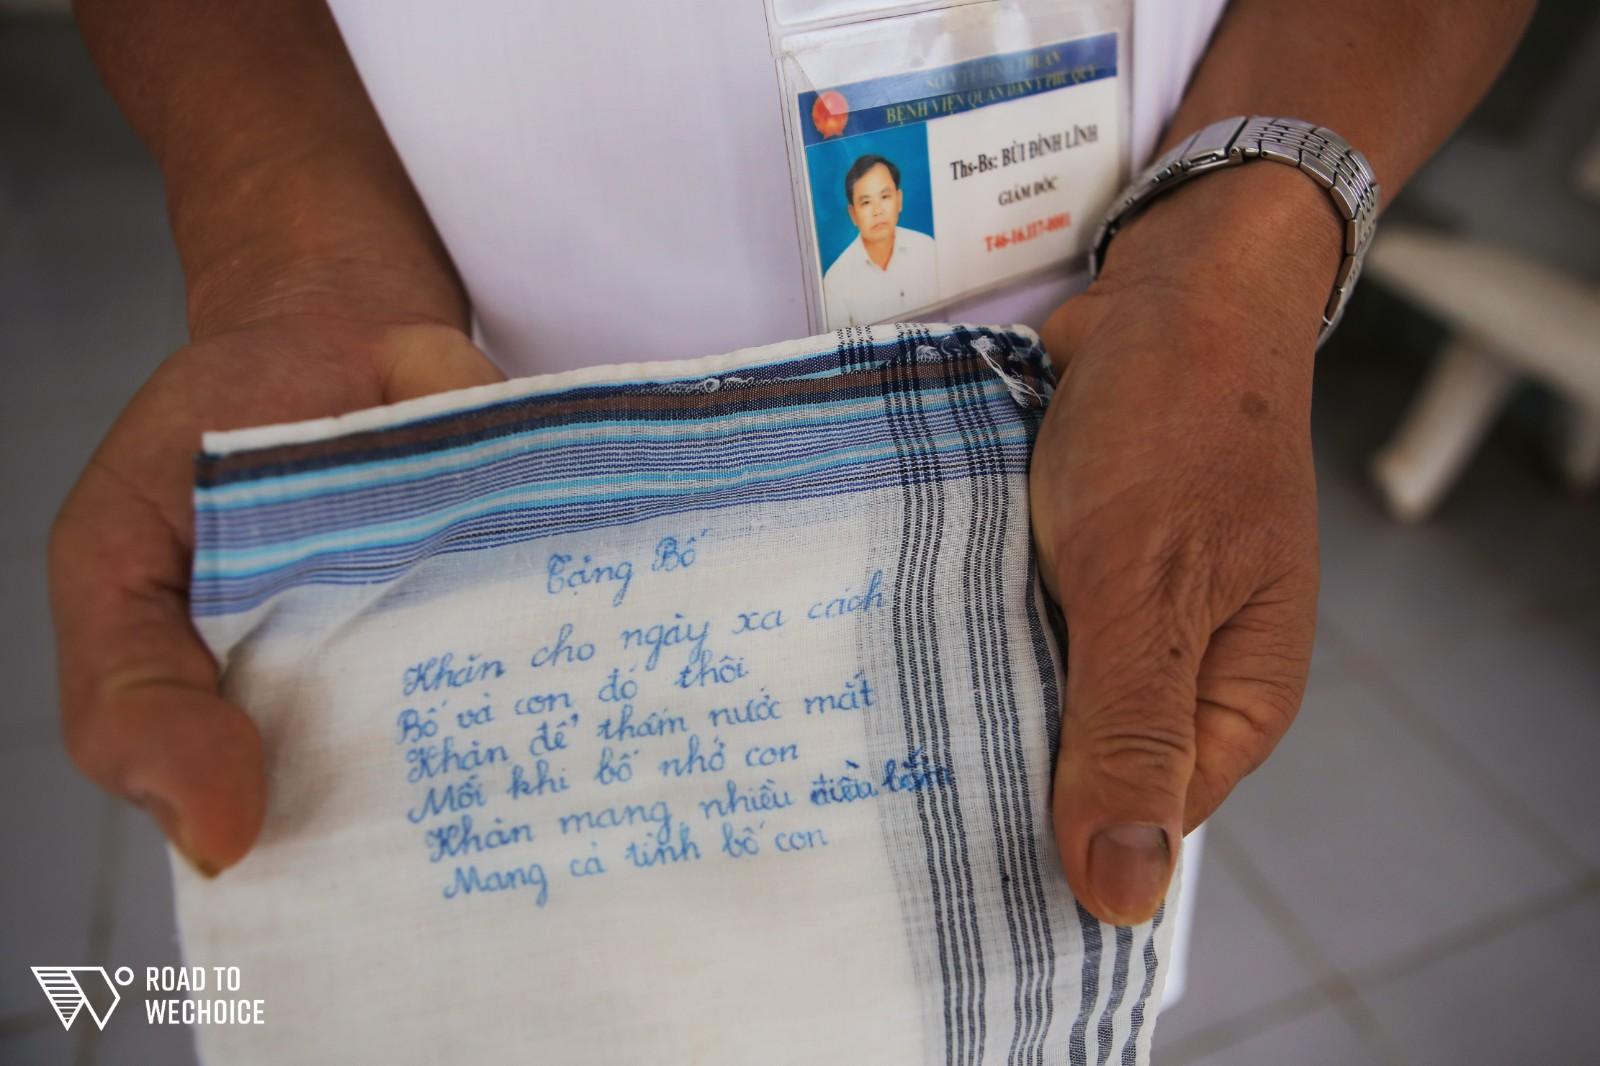 Chuyện về vị bác sĩ 31 năm sống xa gia đình để đến vùng đảo hẻo lánh chữa bệnh cho người dân - Ảnh 12.